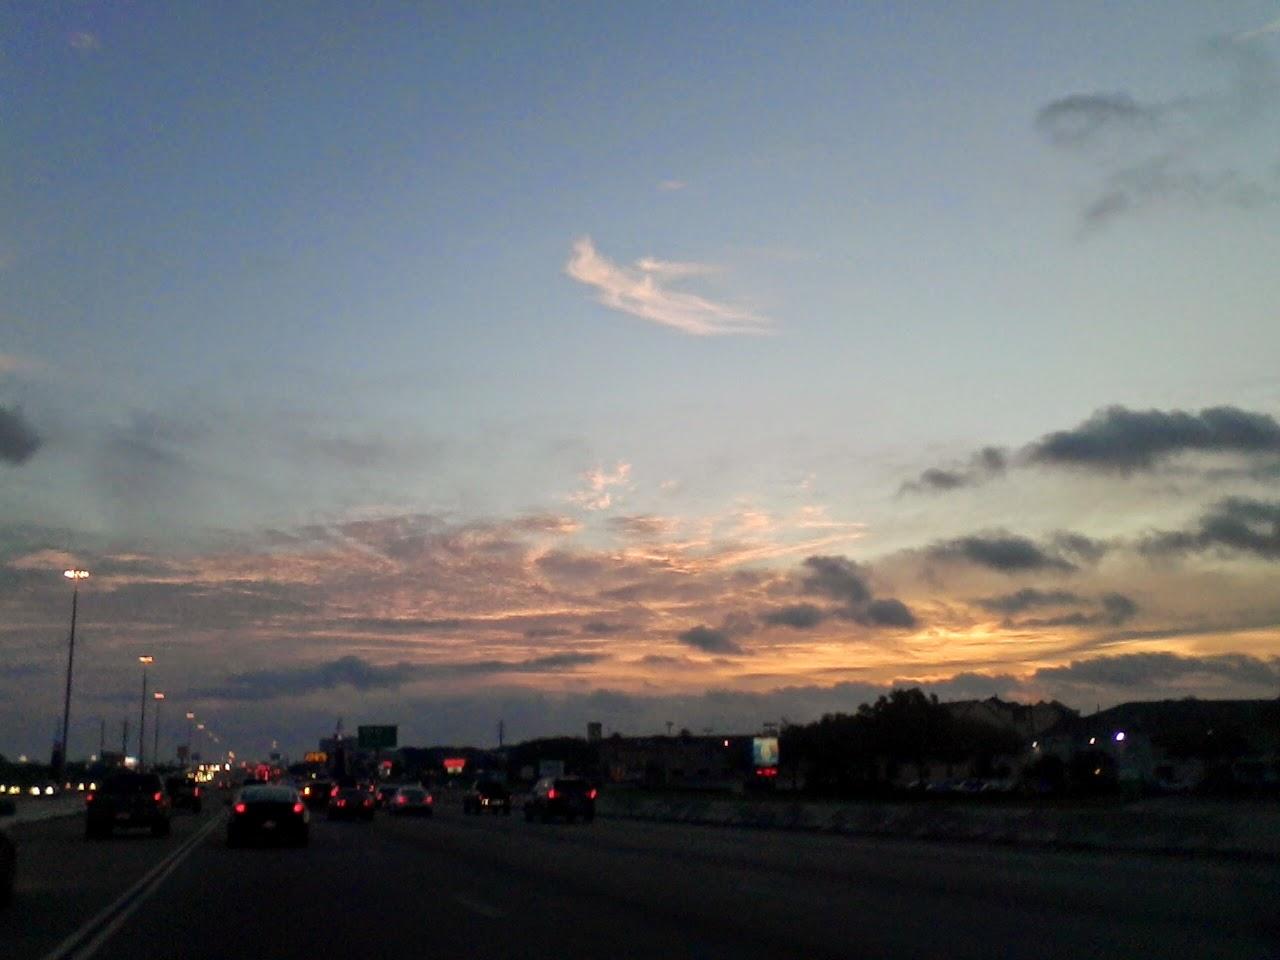 Sky - 0424064304.jpg